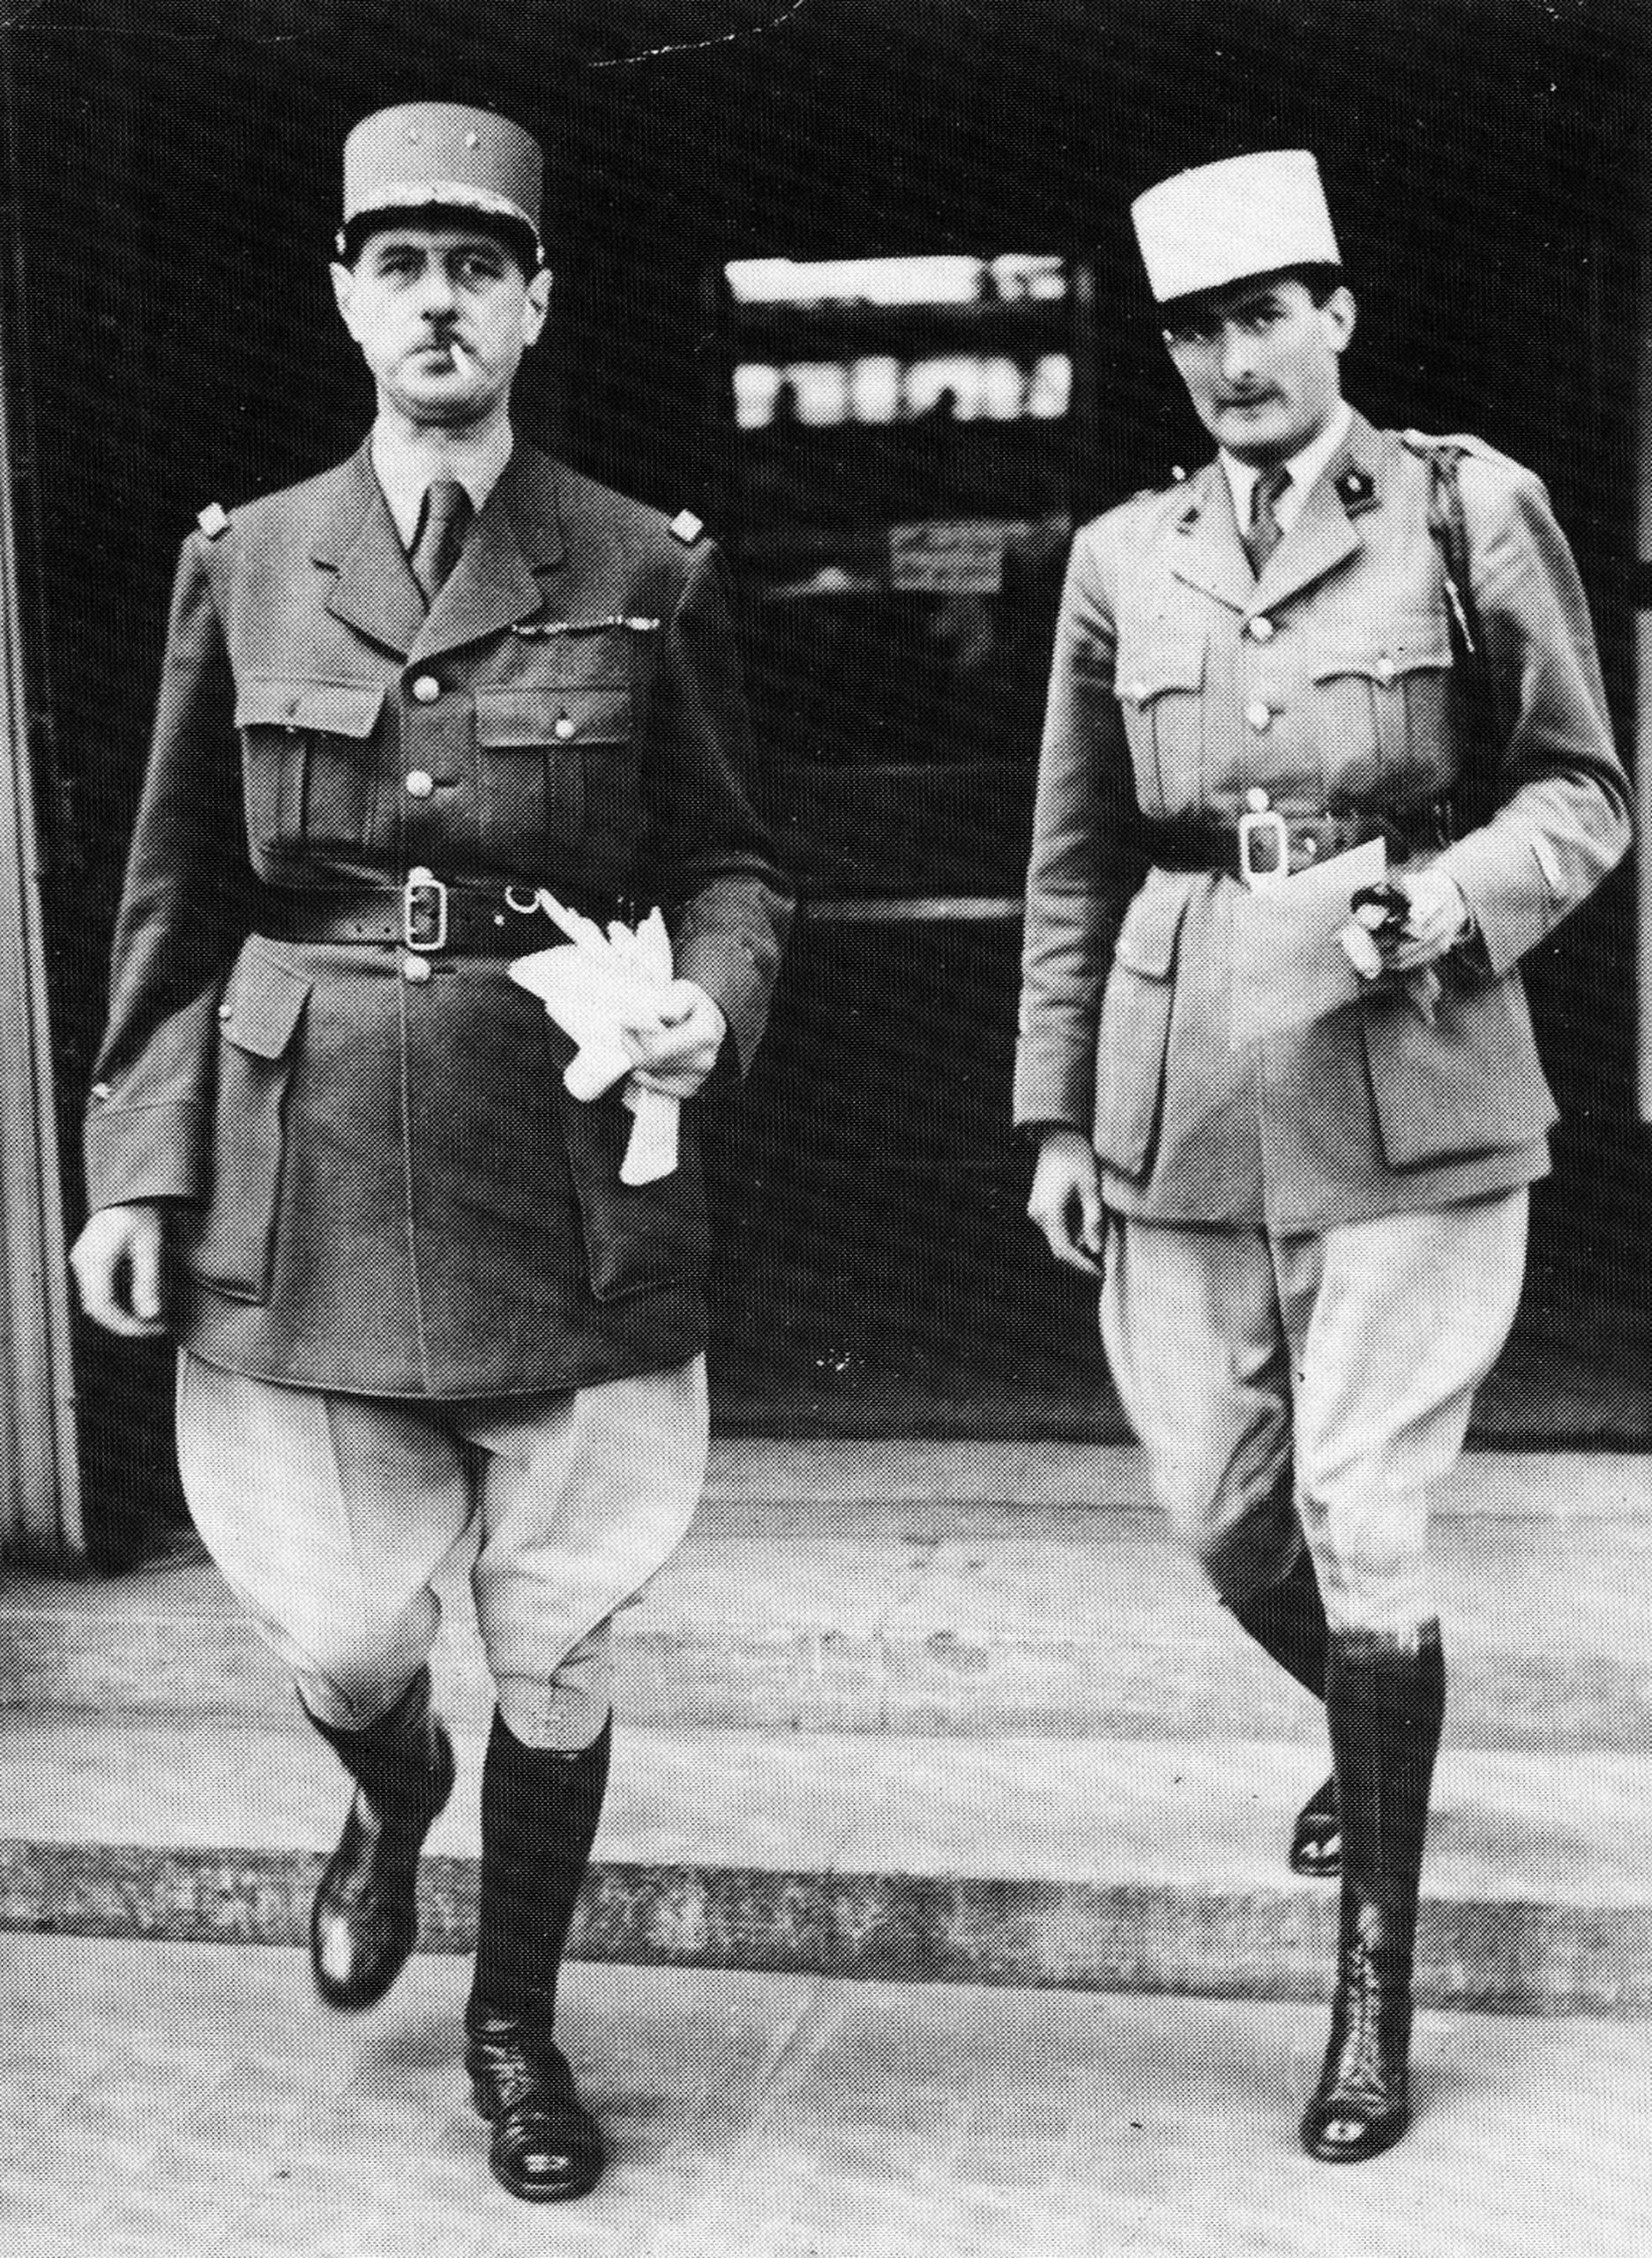 Un témoignage sur la situation à Londres en juin 1940, par Hettier de Boislambert